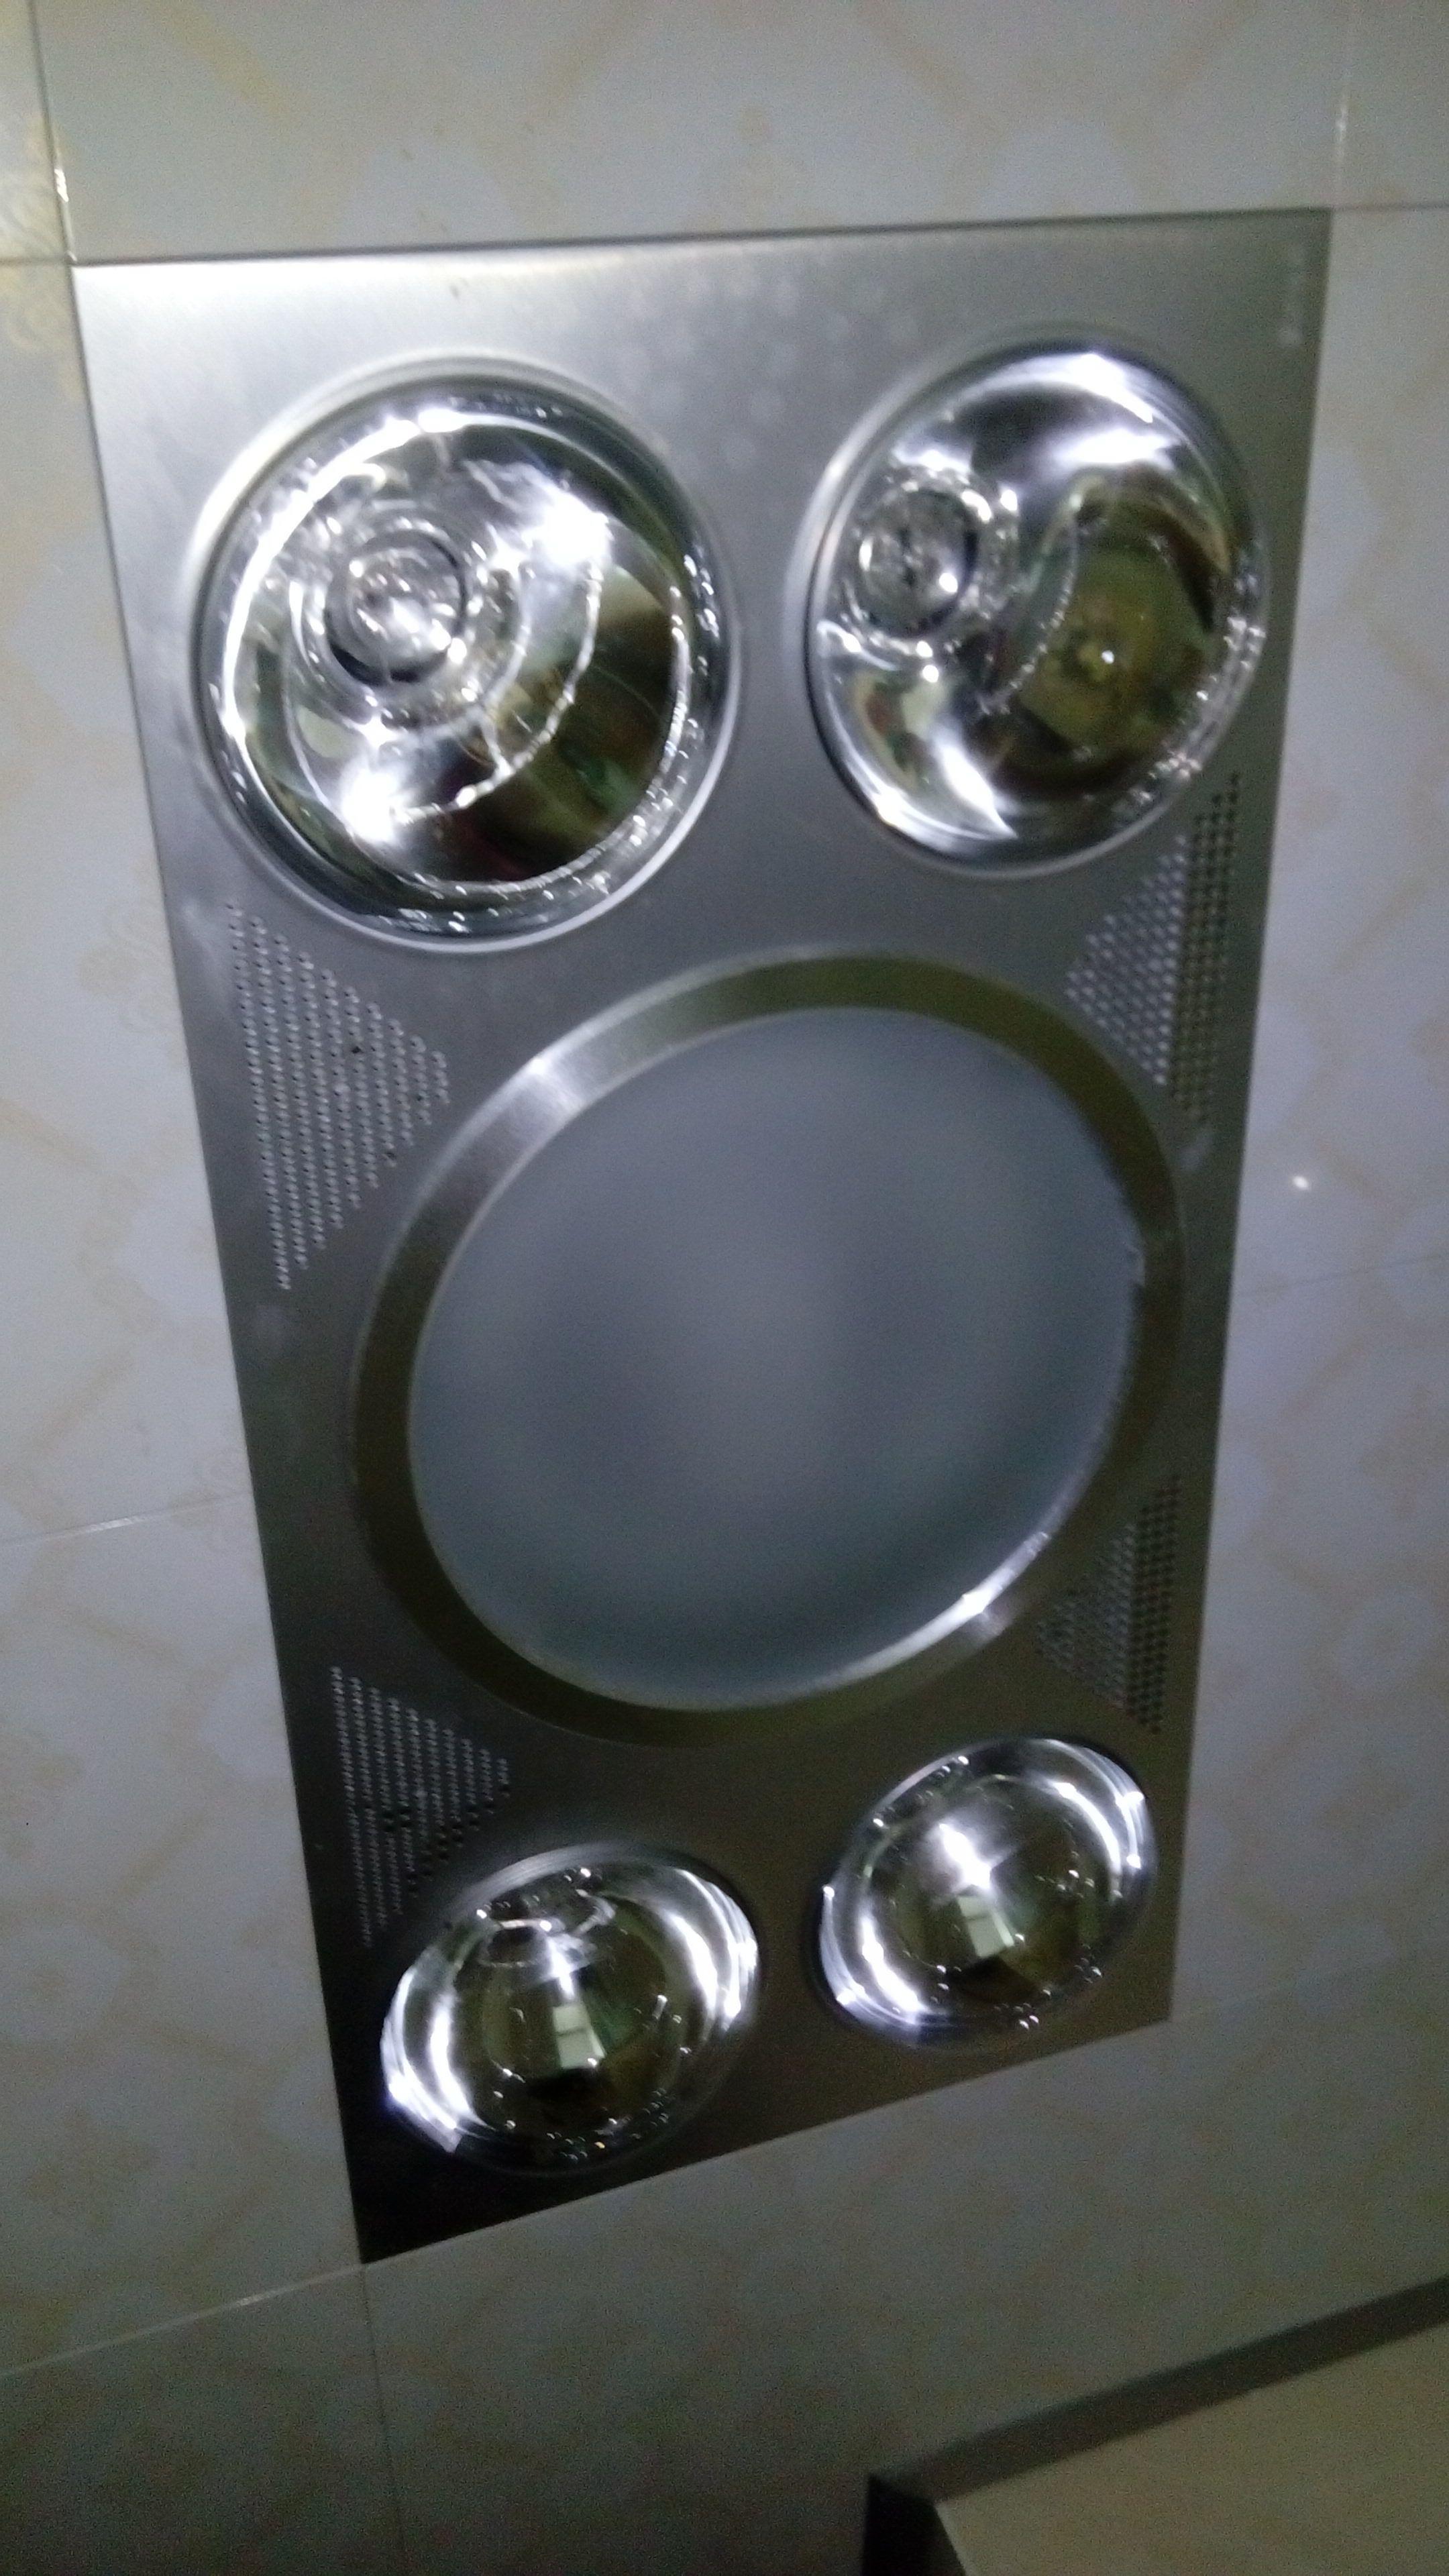 集成浴霸中间的照明灯不亮了,可能是什么坏了?如果换灯泡,该怎么拆?